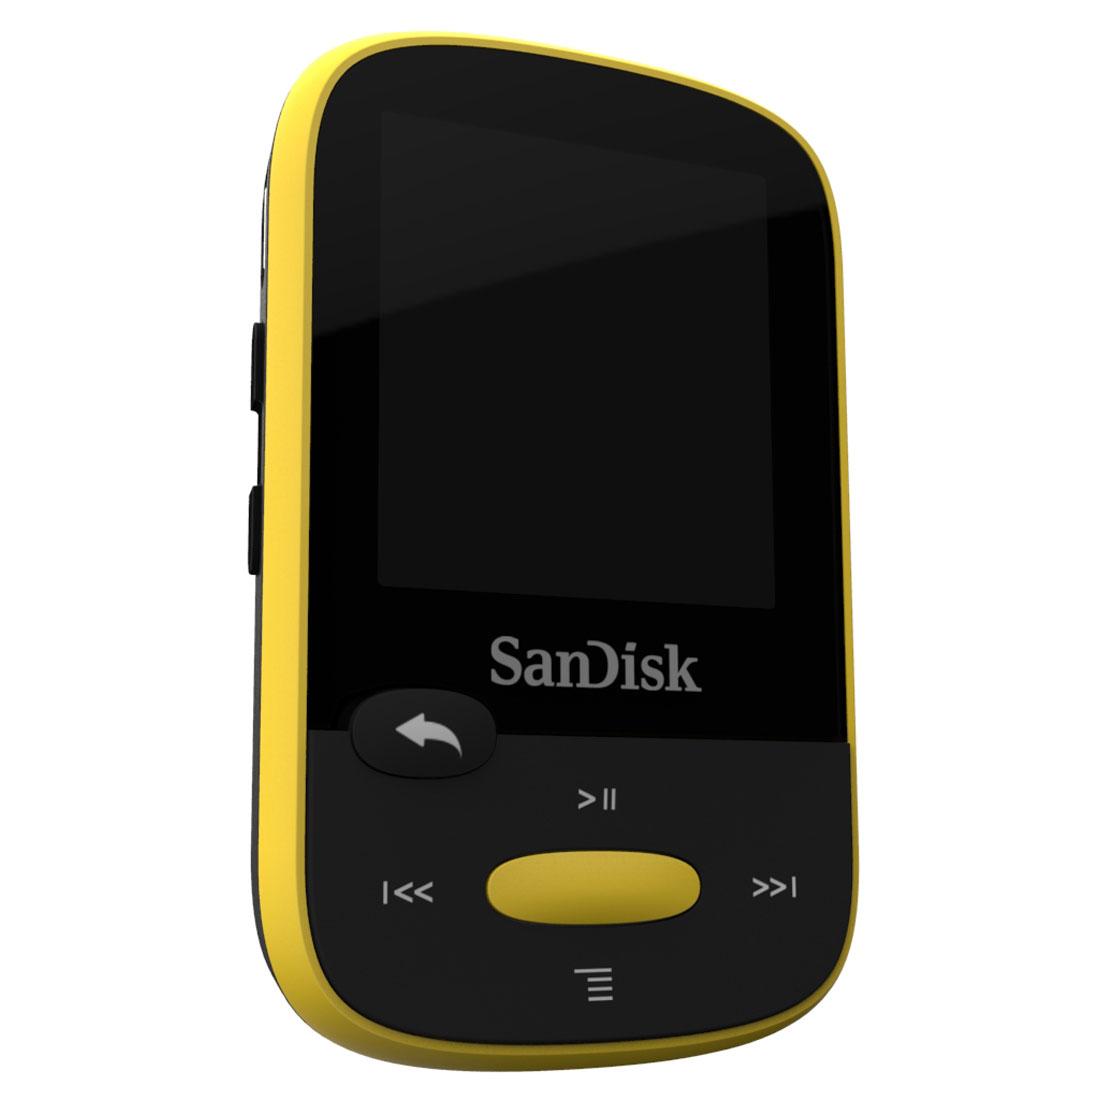 sandisk clip sport jaune 8 go lecteur mp3 ipod sandisk sur. Black Bedroom Furniture Sets. Home Design Ideas